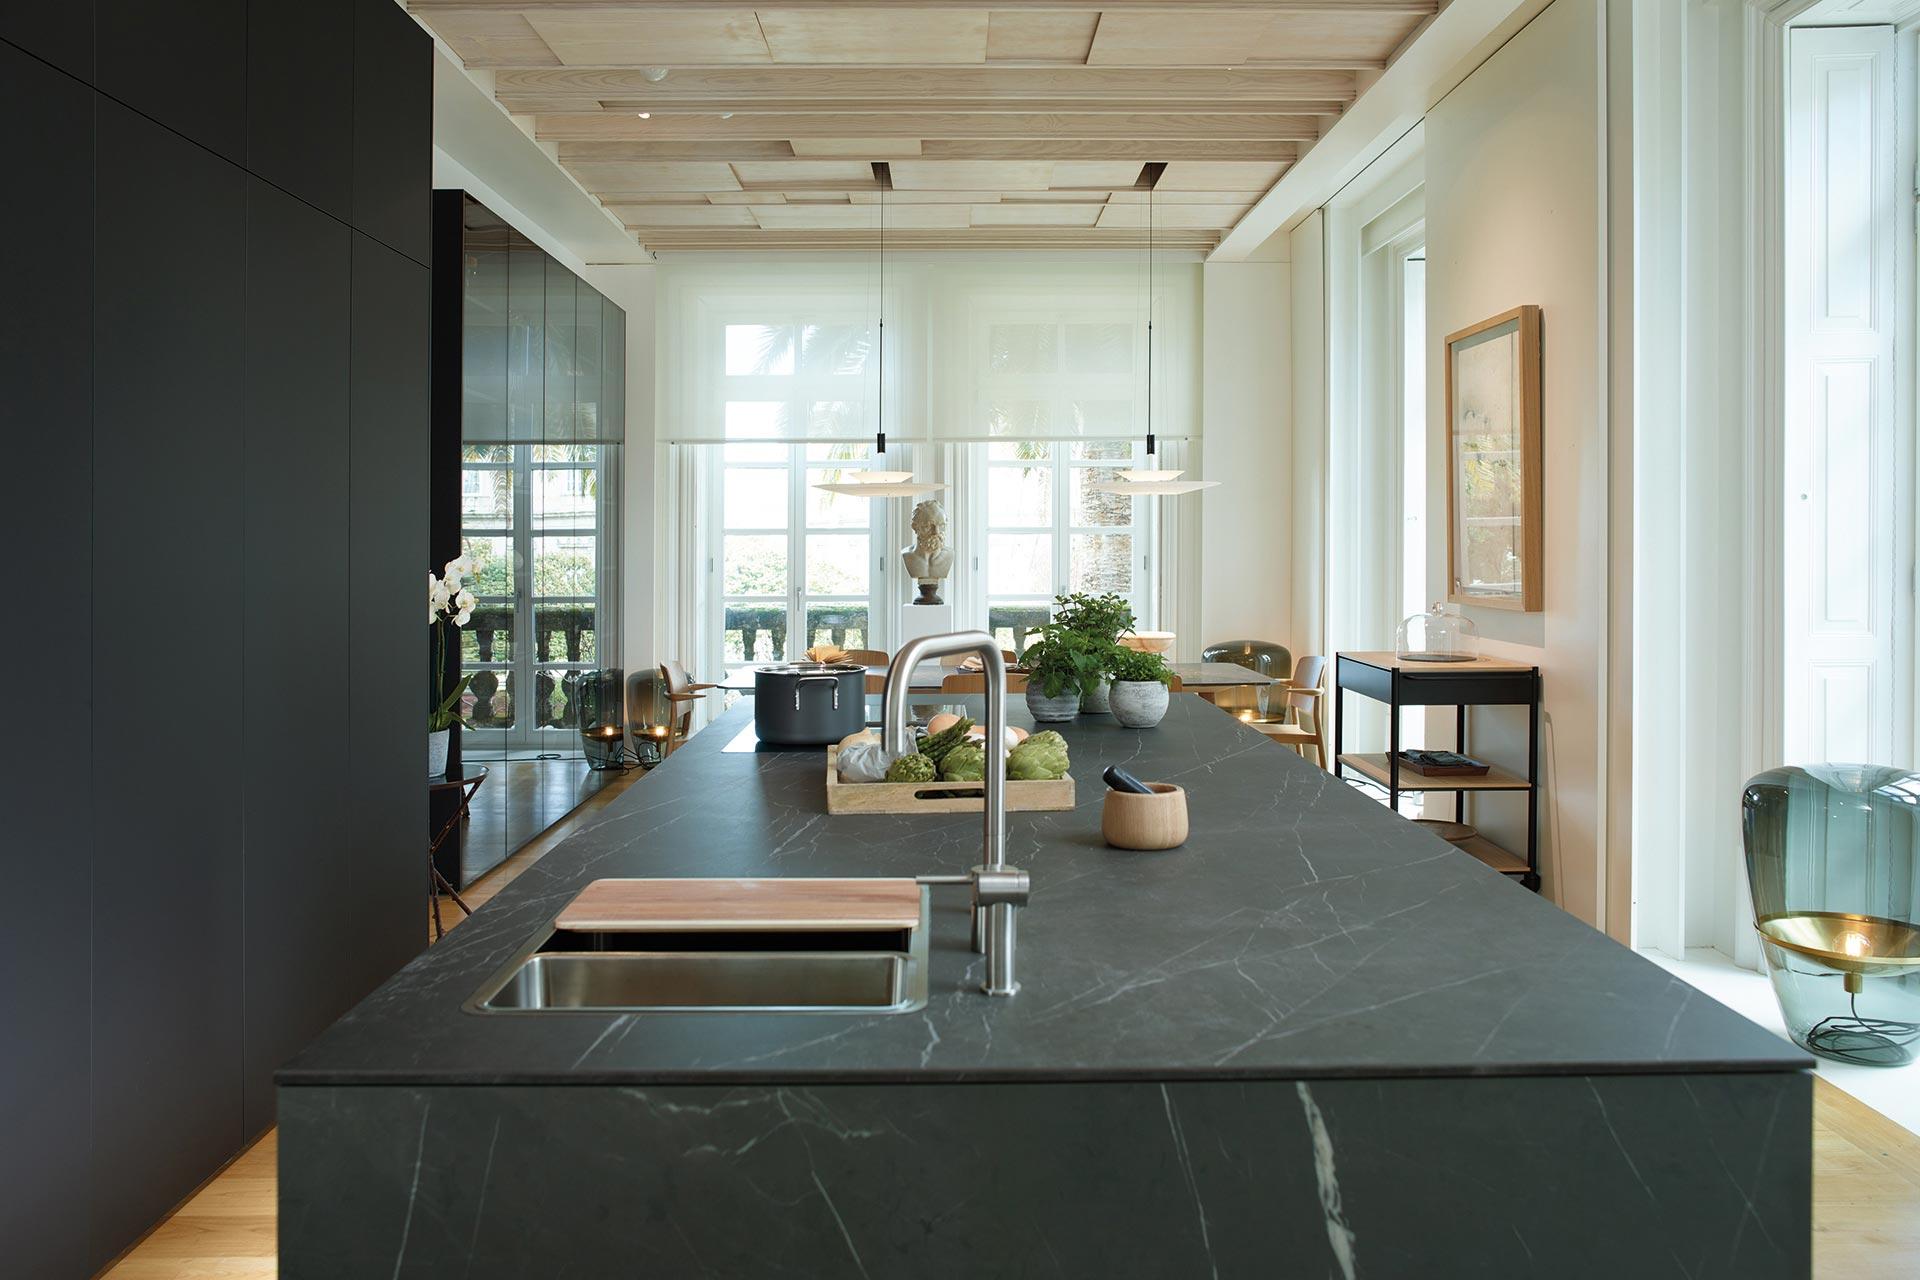 Cocina Abierta al Salón y al Comedor con Isla. Mueble Escamoteable